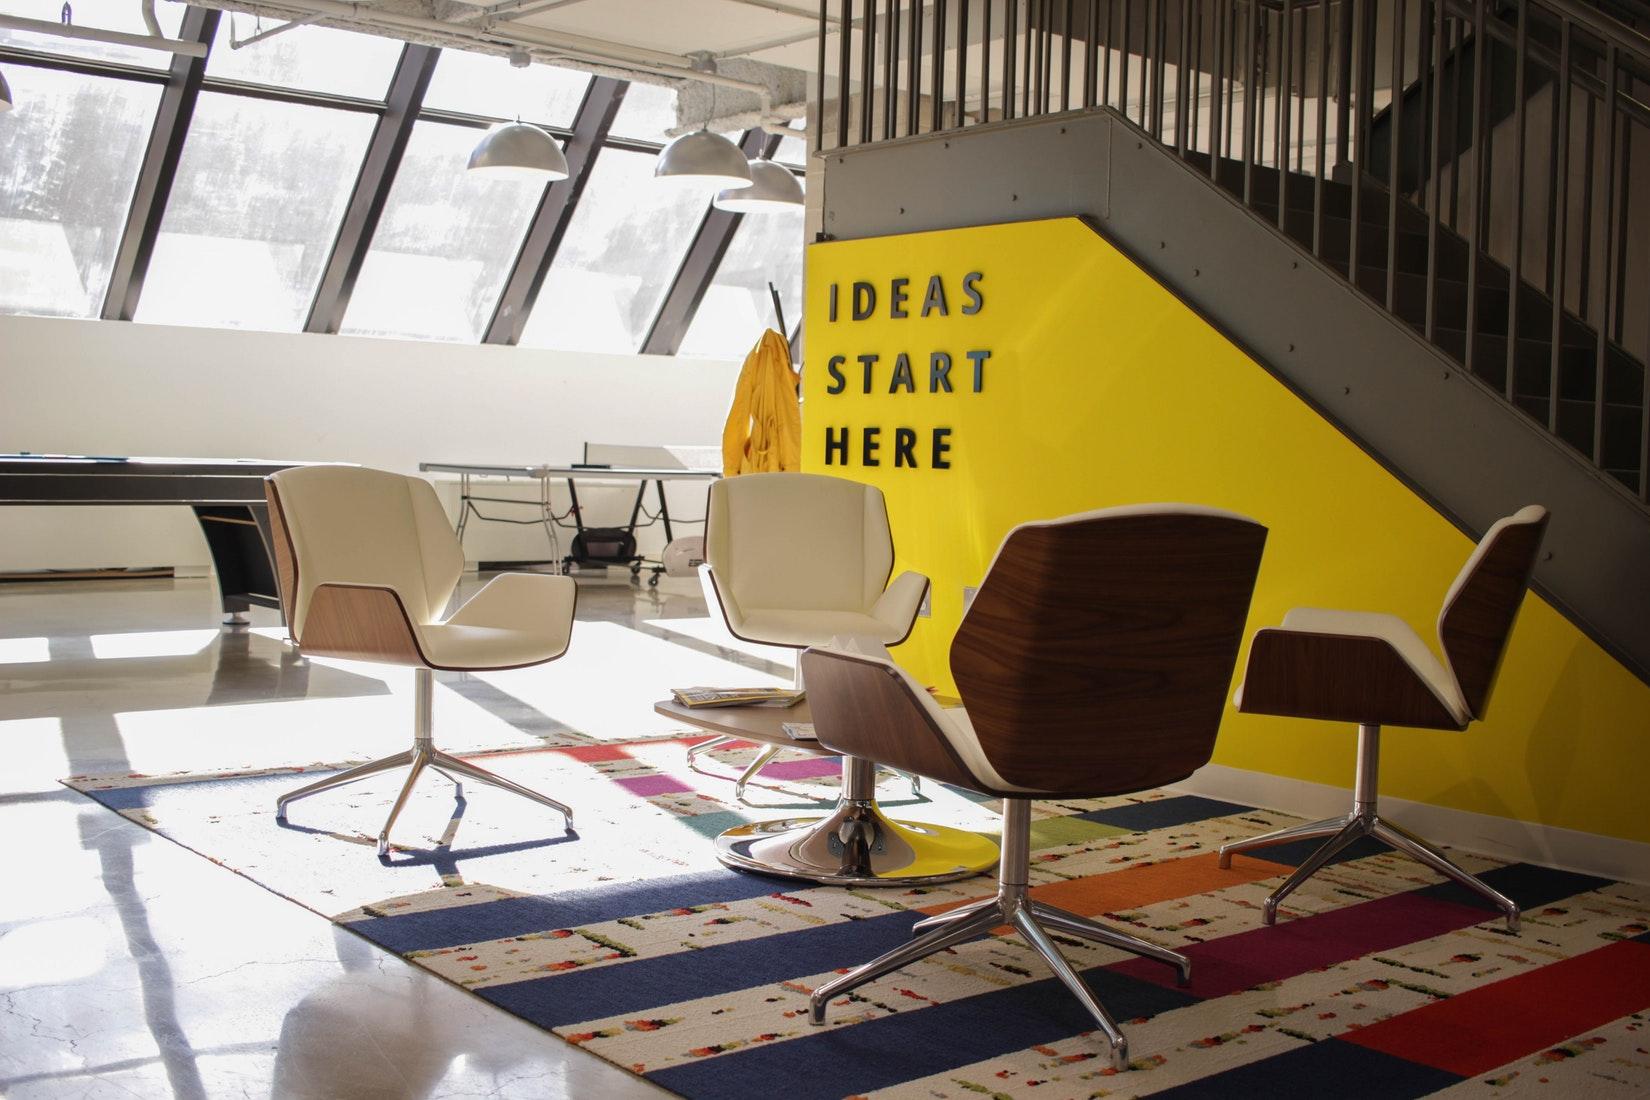 Ein Bild von einem Meetingraum mit einem gelben Slogan an der Wand